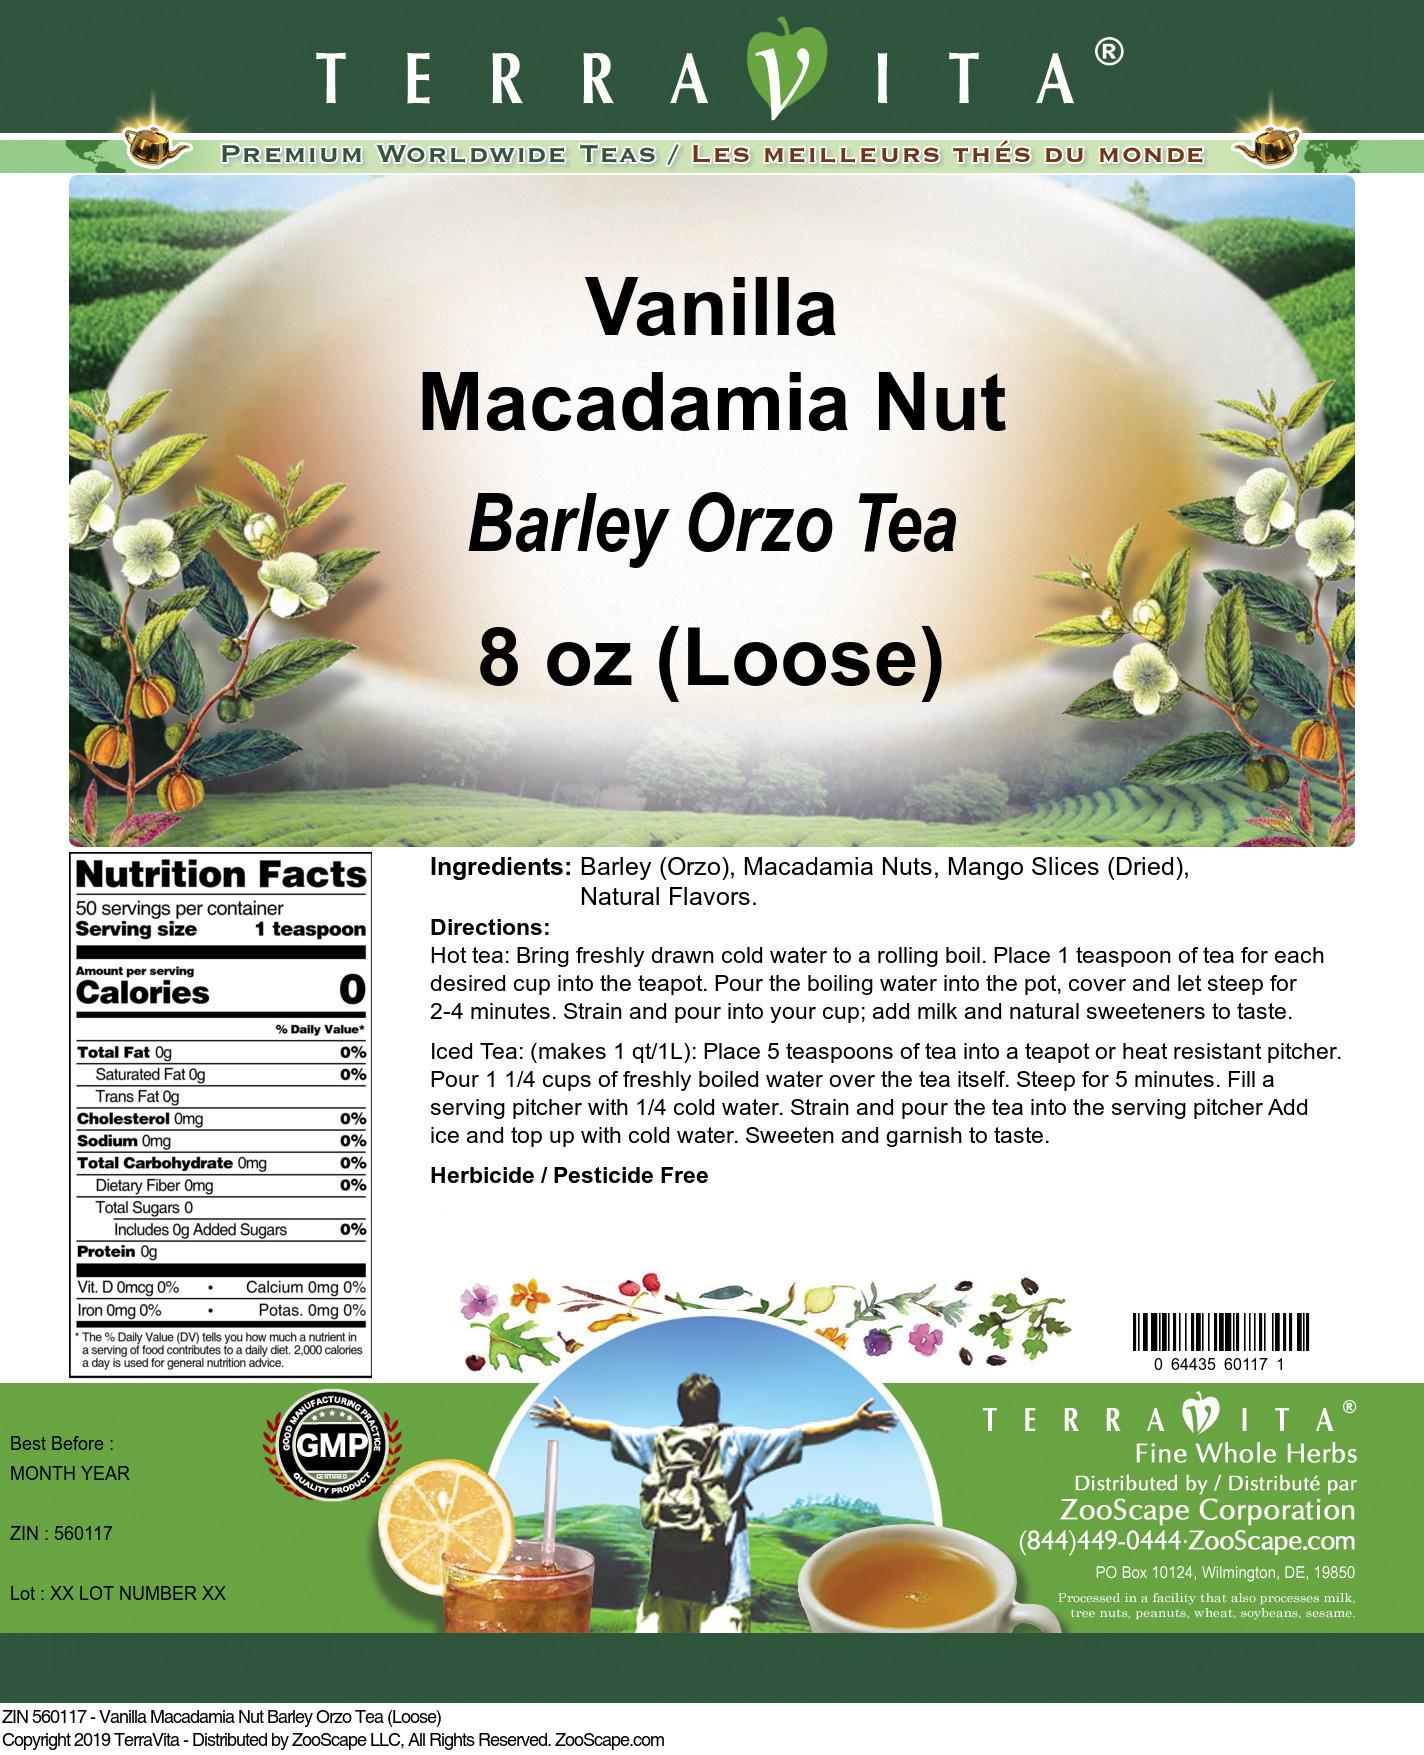 Vanilla Macadamia Nut Barley Orzo Tea (Loose)